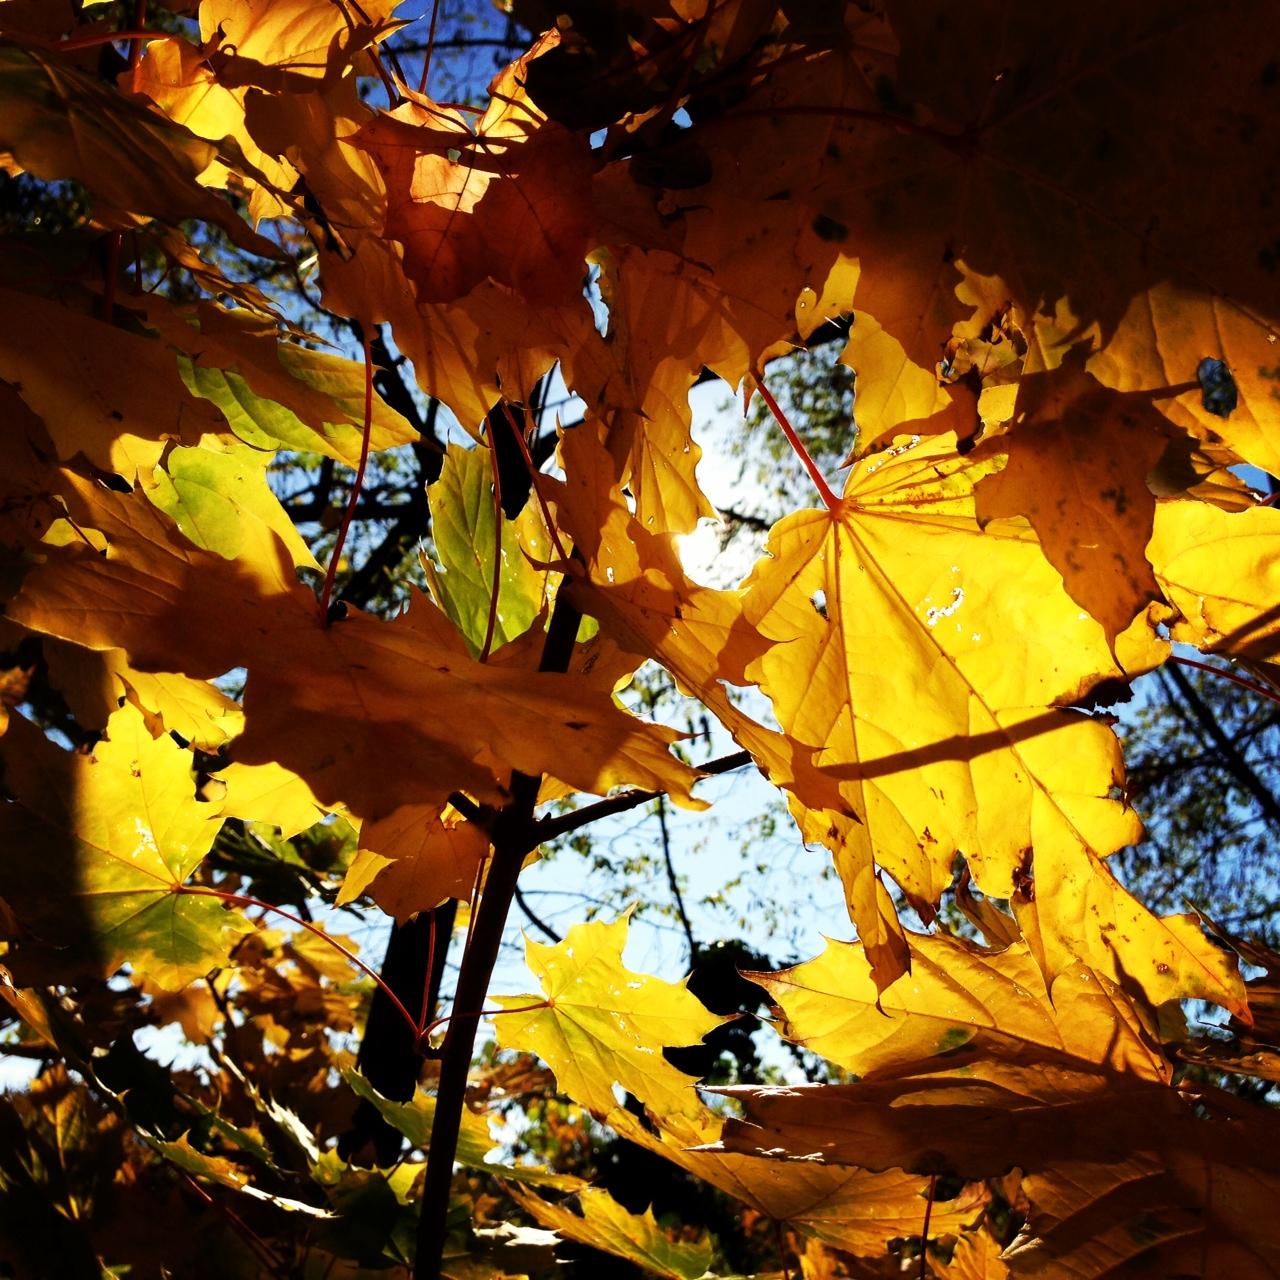 Solch intensive Farben ... Wahnsinn. An den Gelb-, Gold- und Rottönen des Herbst kann ich mich einfach nie sattsehen.